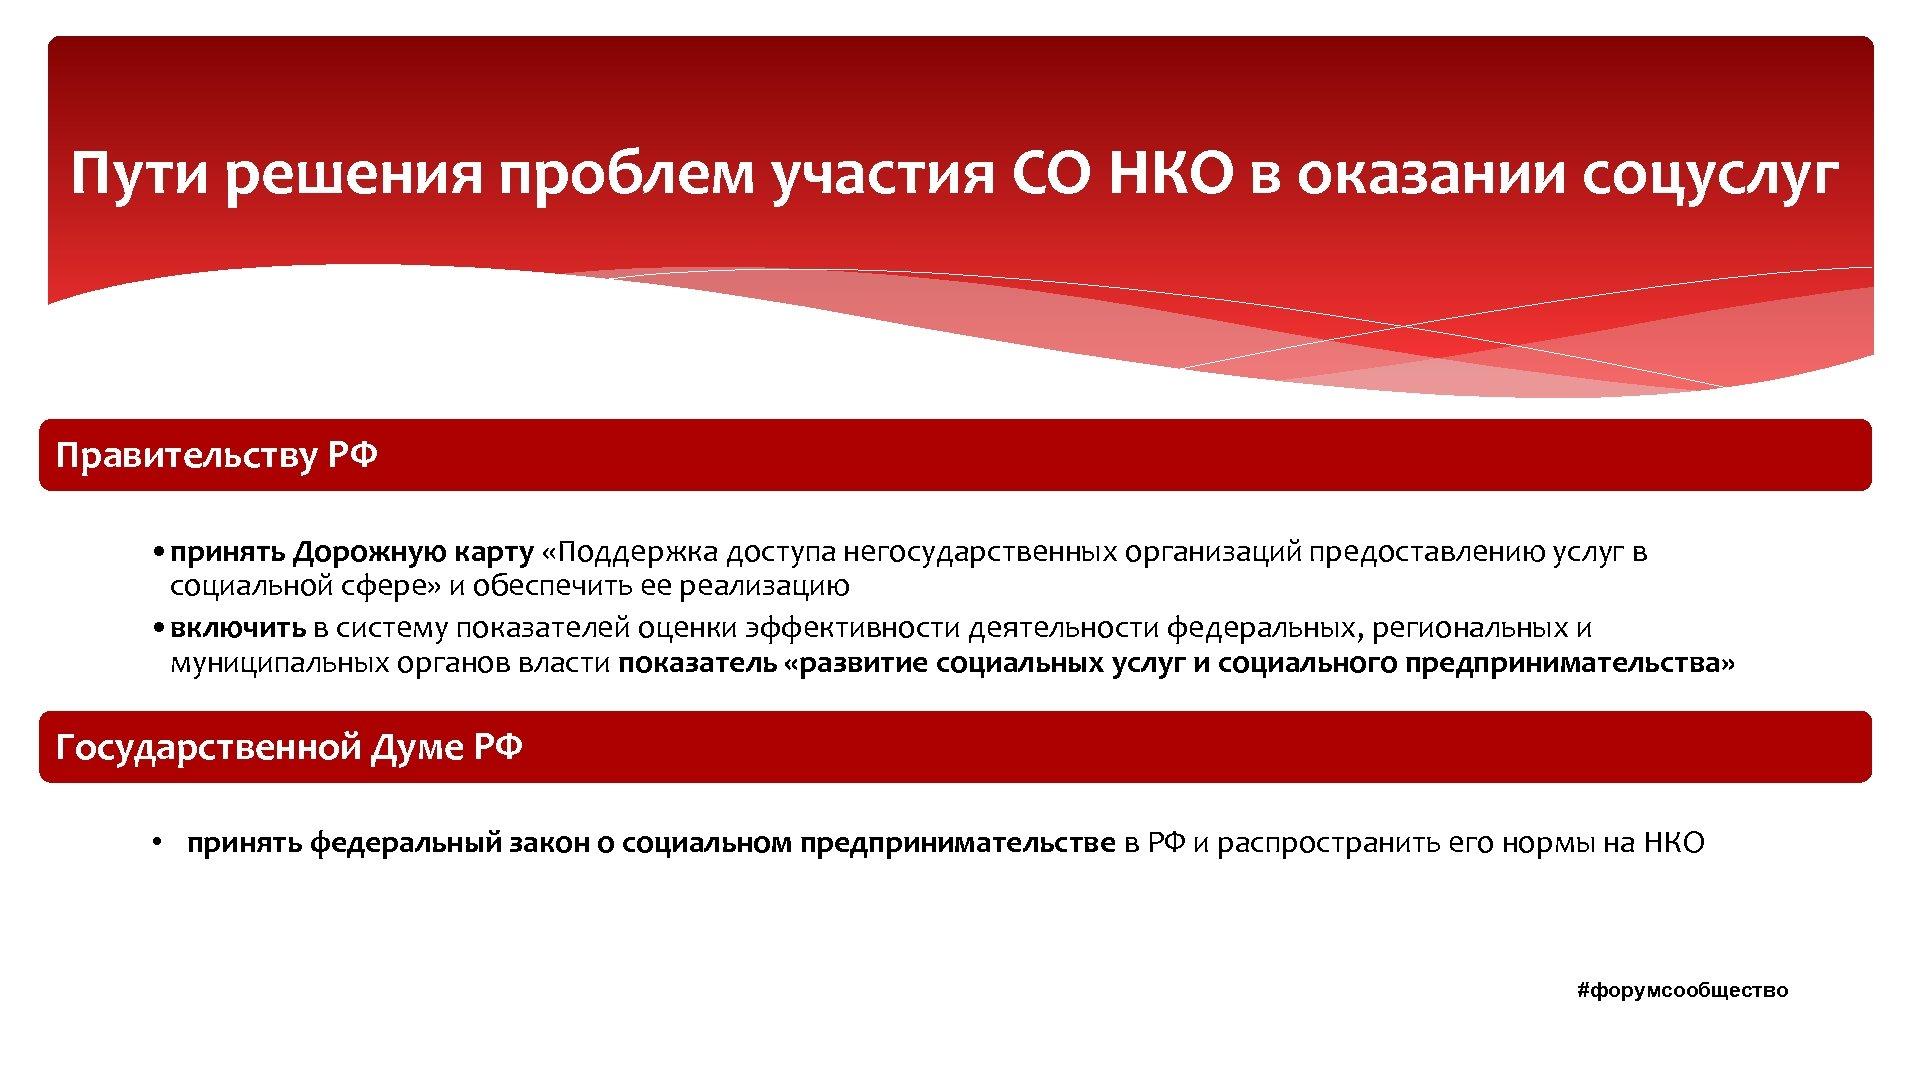 Пути решения проблем участия СО НКО в оказании соцуслуг Правительству РФ • принять Дорожную